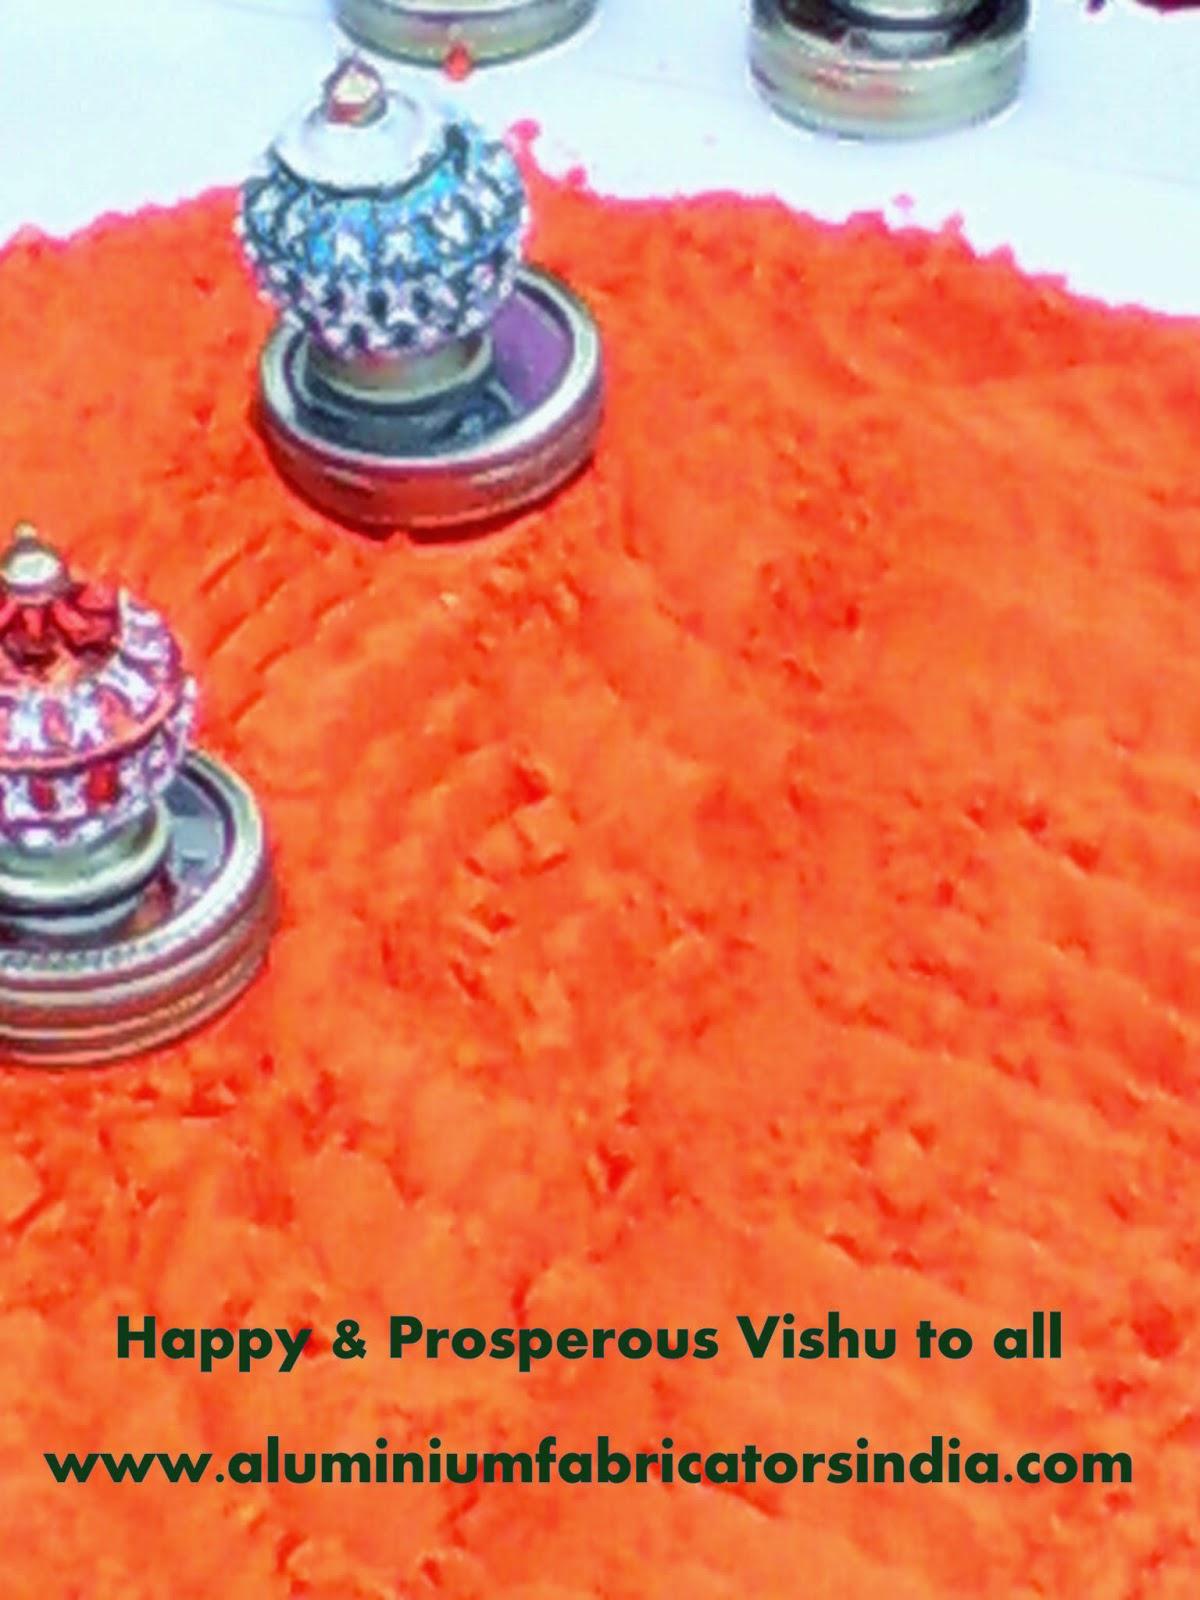 www.aluminiumfabricatorsindia.com